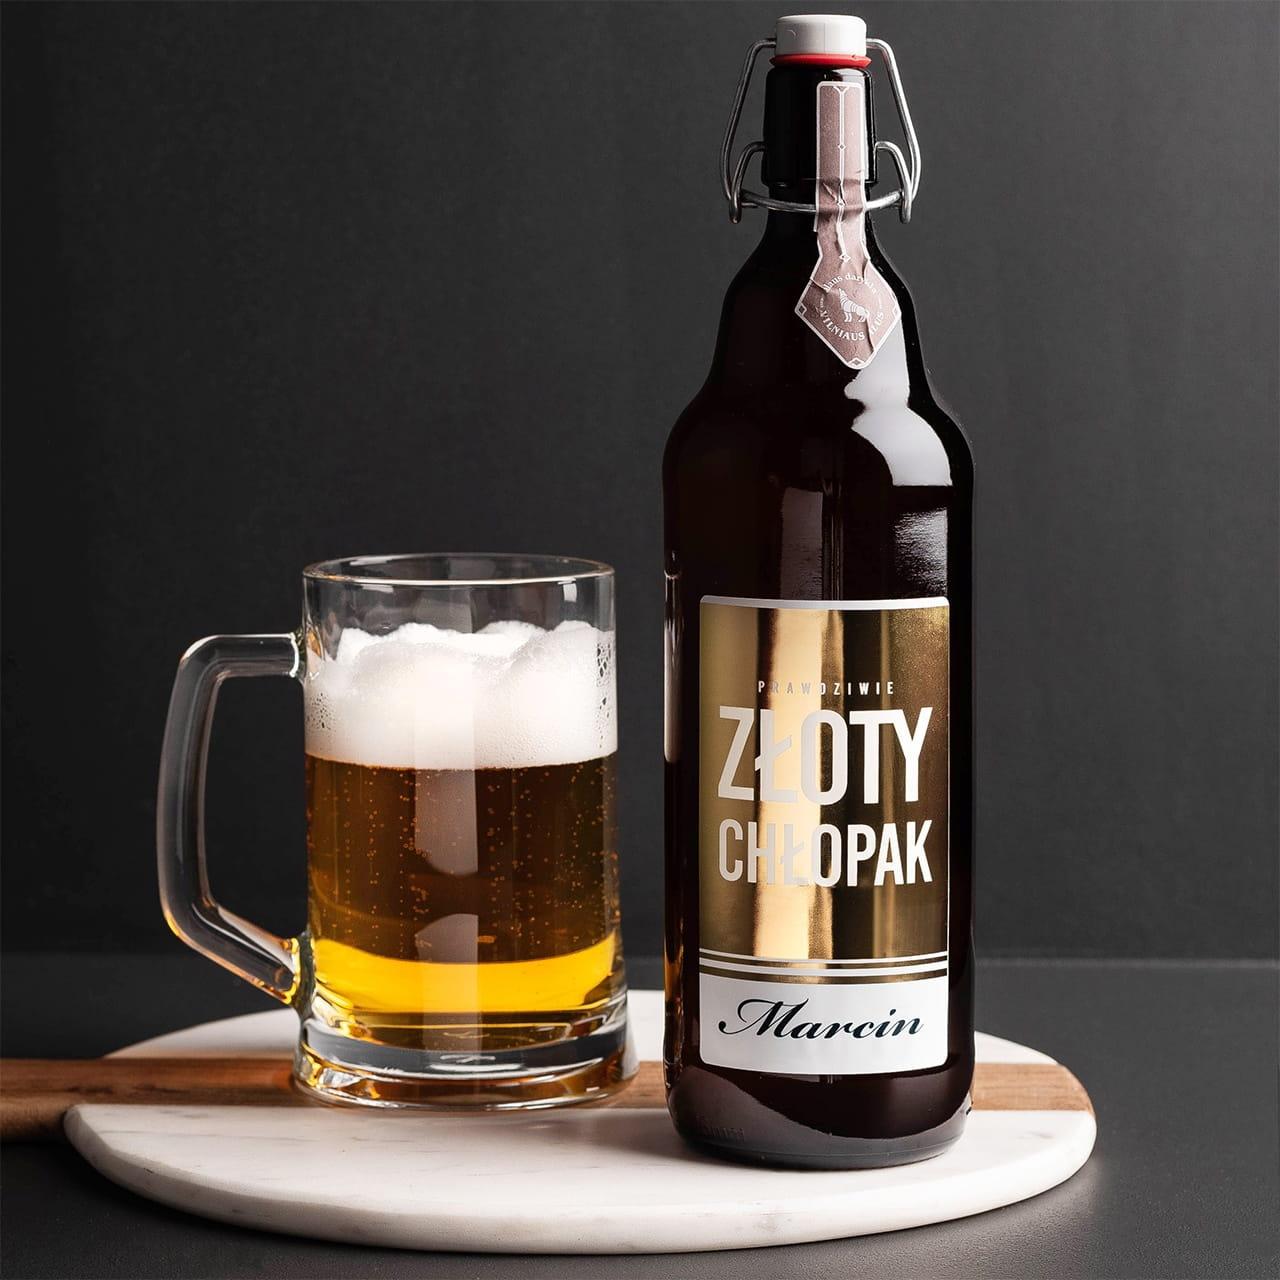 Piwo litrowe jako prezent na Dzień Chłopaka